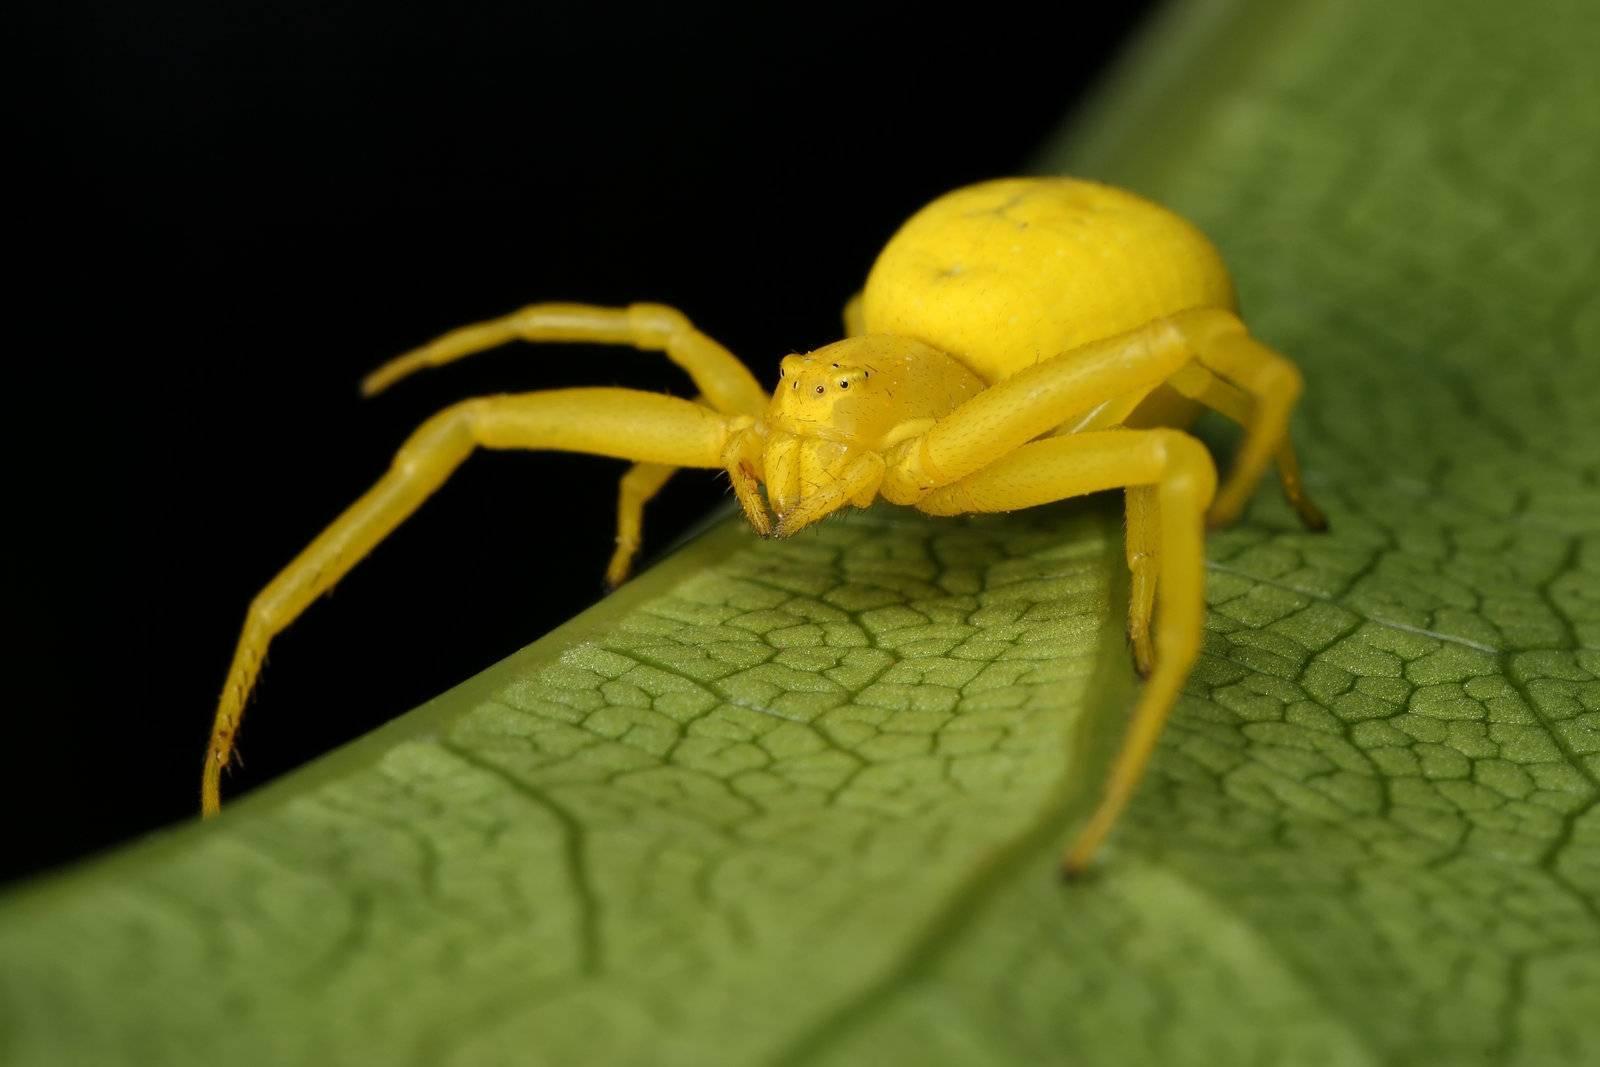 Пауки в крыму: какие ядовитые? что делать, если укусил паук? как обезопасится от пауков на природе?